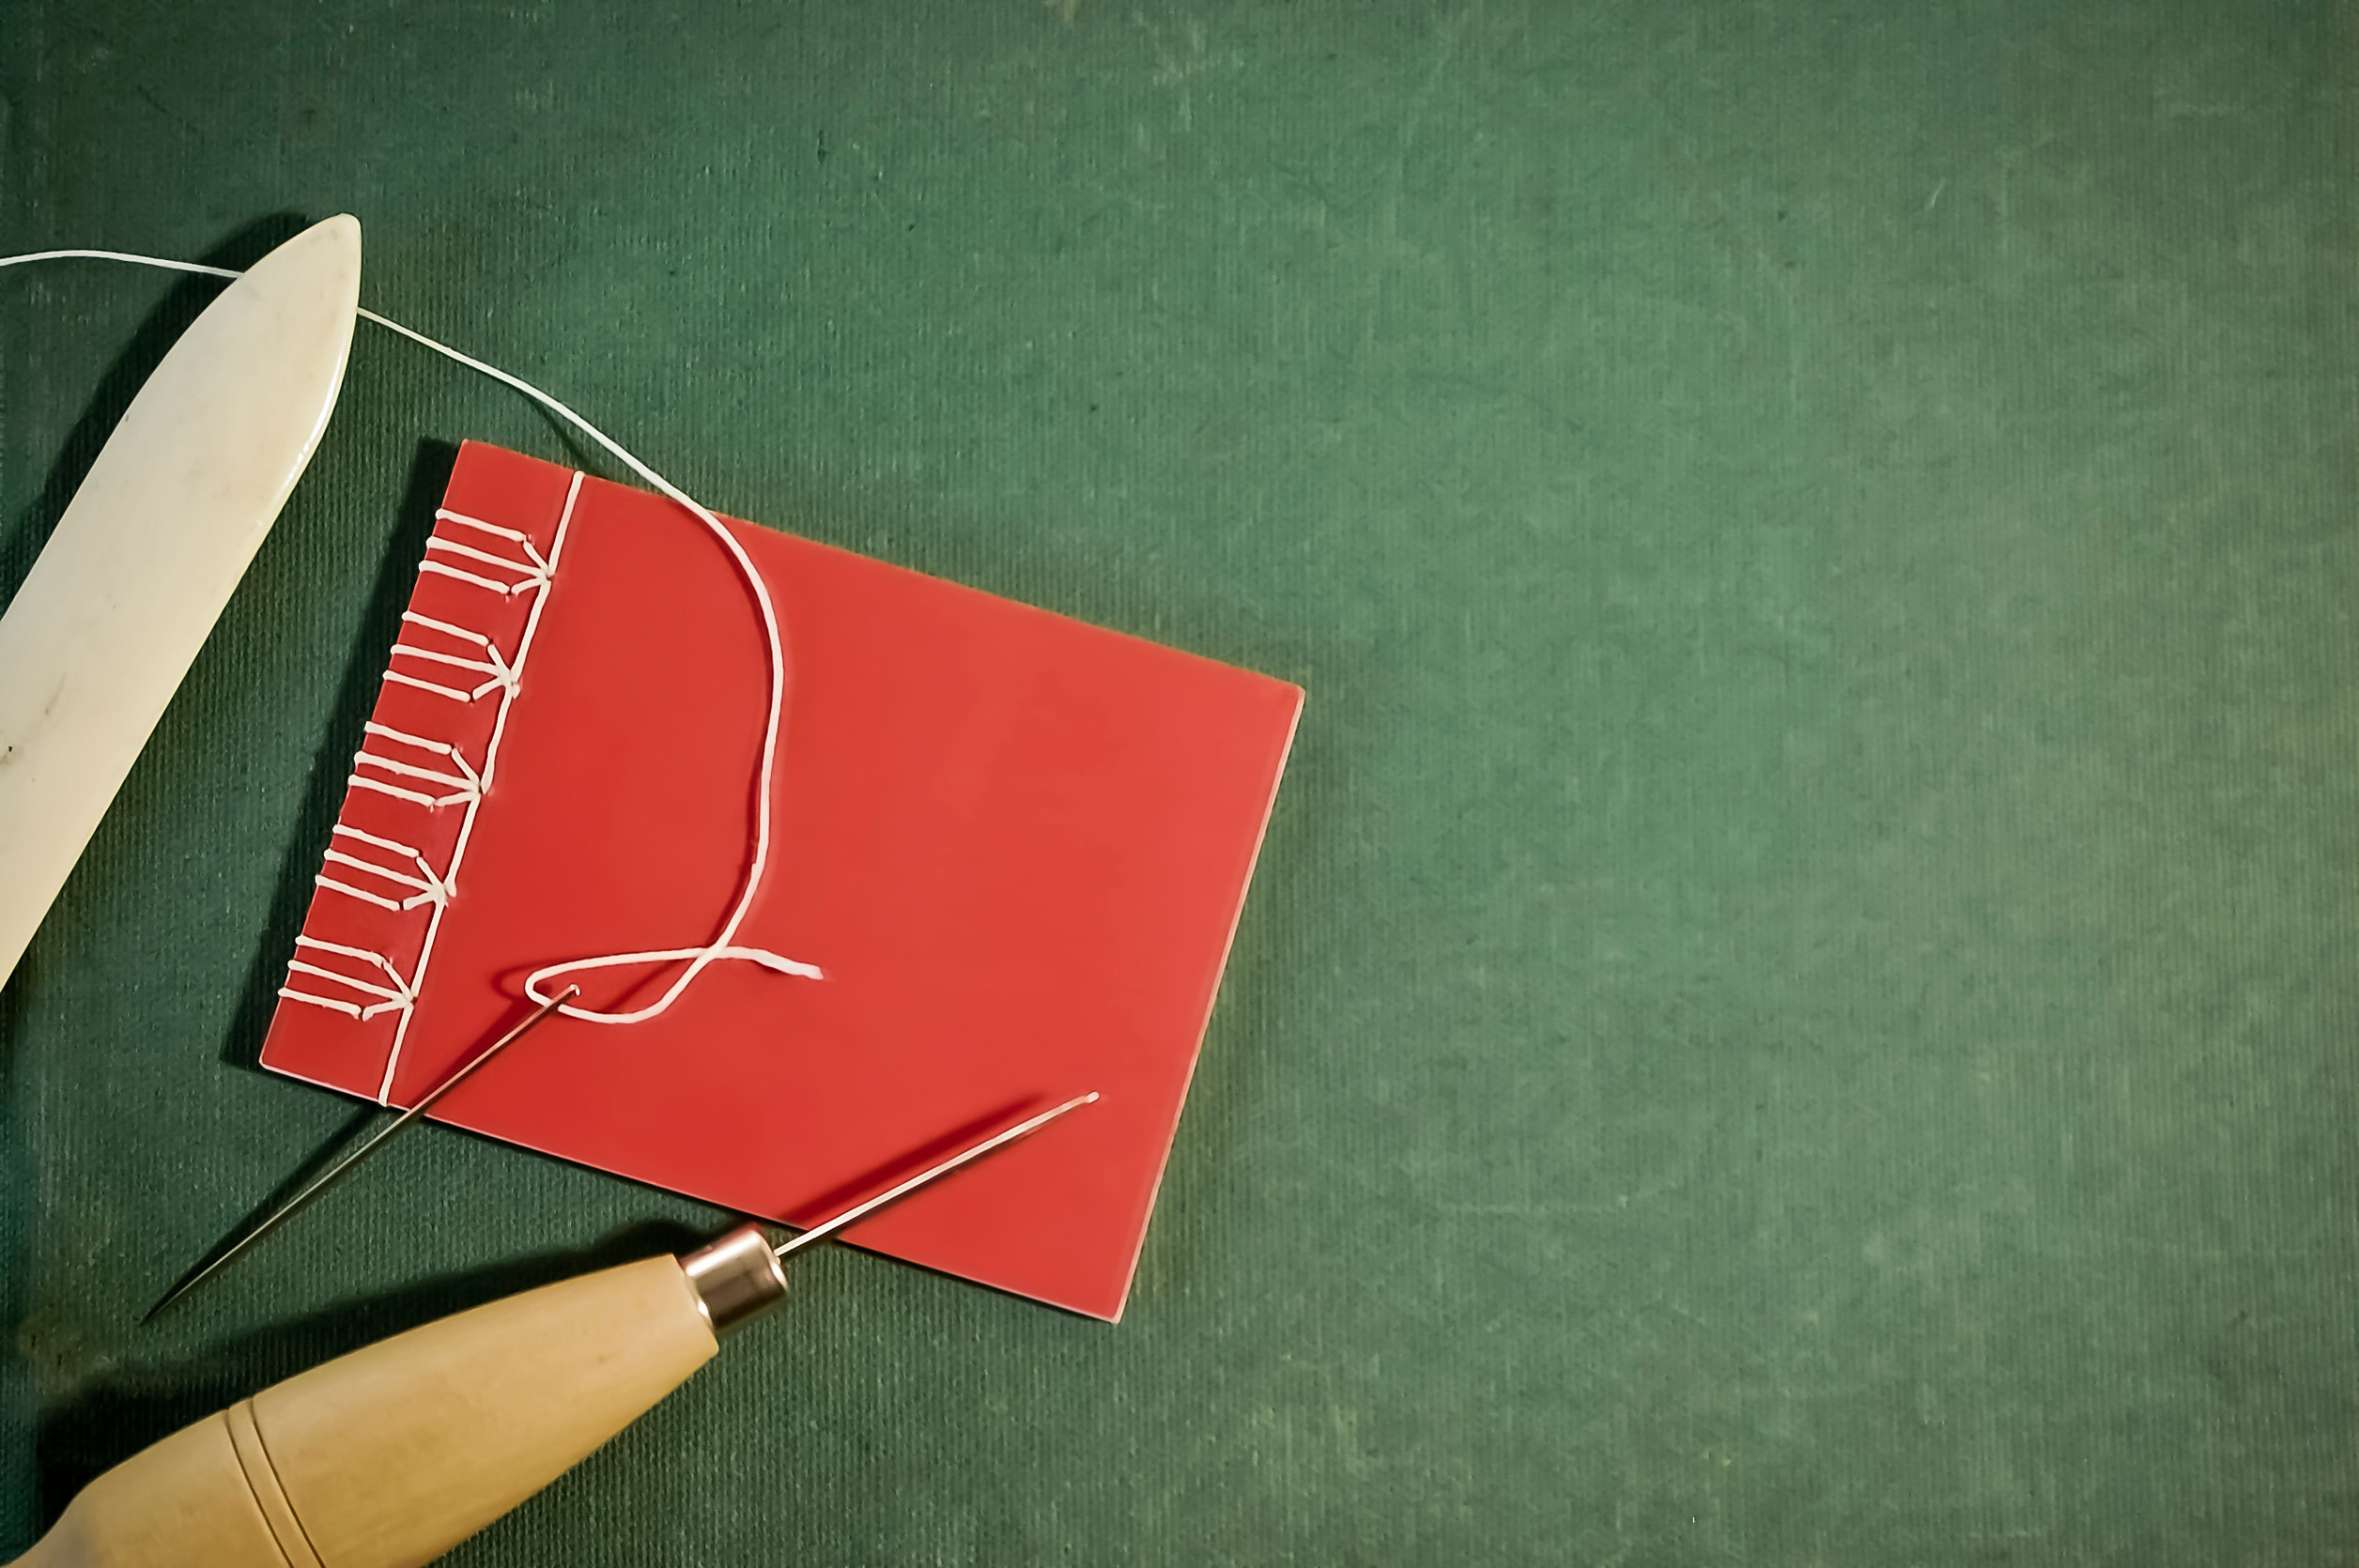 Cuaderno rojo cosido a mano con herramientas de encuadernación sobre fondo verde